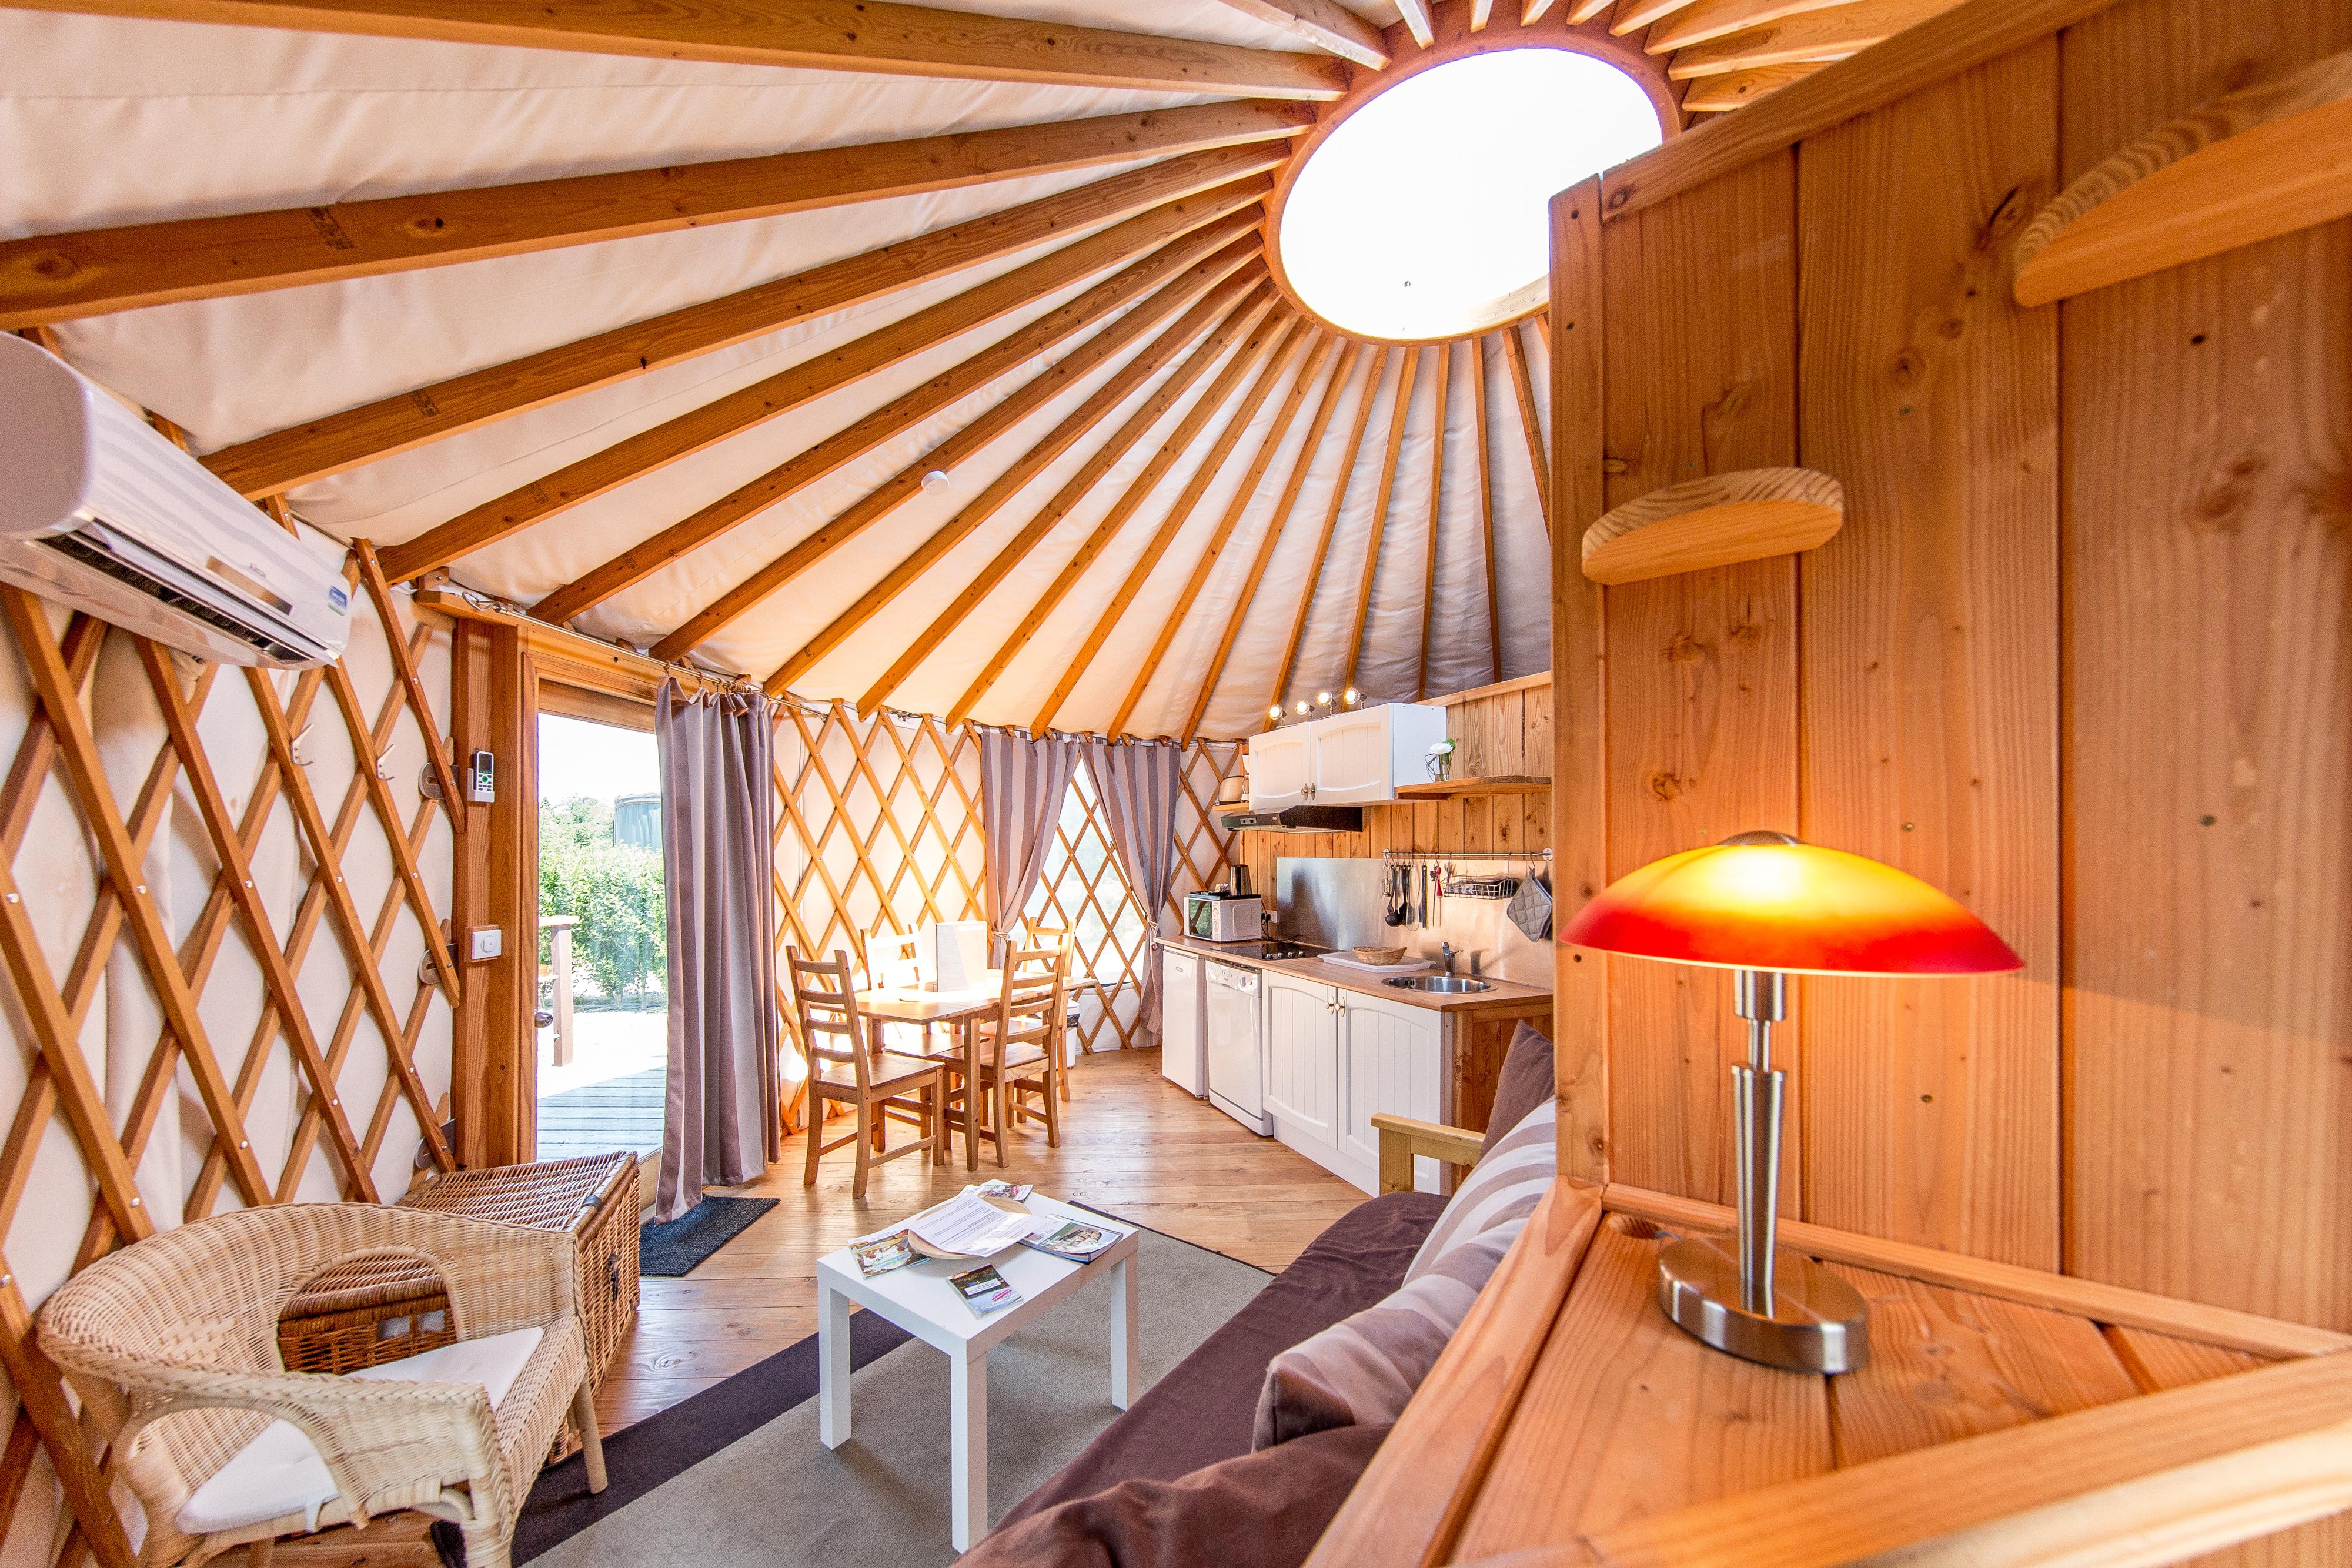 h bergement en yourte en auvergne allier. Black Bedroom Furniture Sets. Home Design Ideas